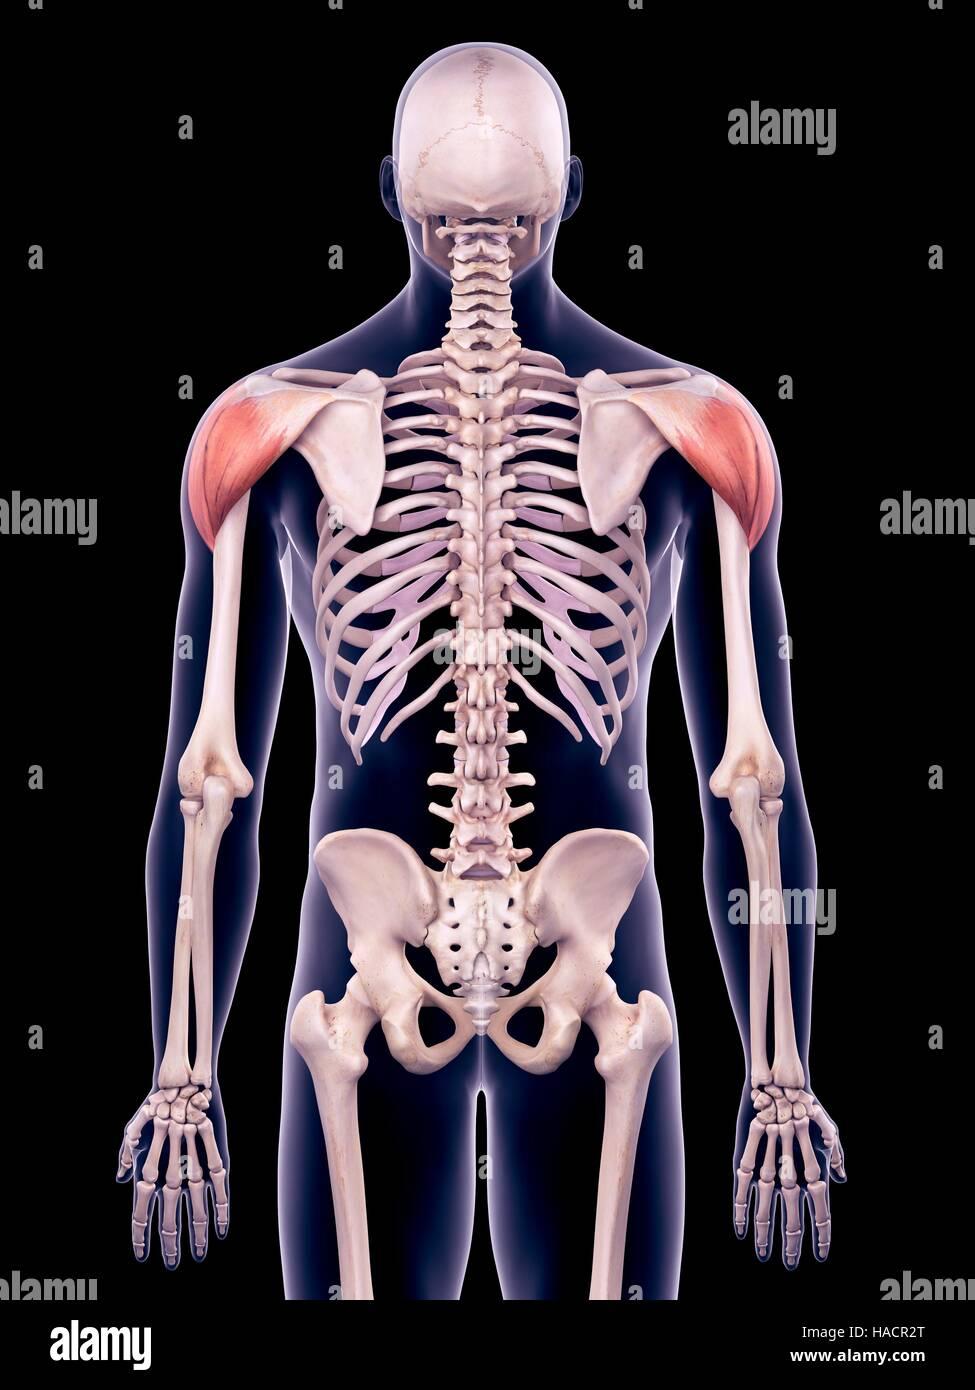 Human Deltoid Muscles Illustration Stock Photos Human Deltoid